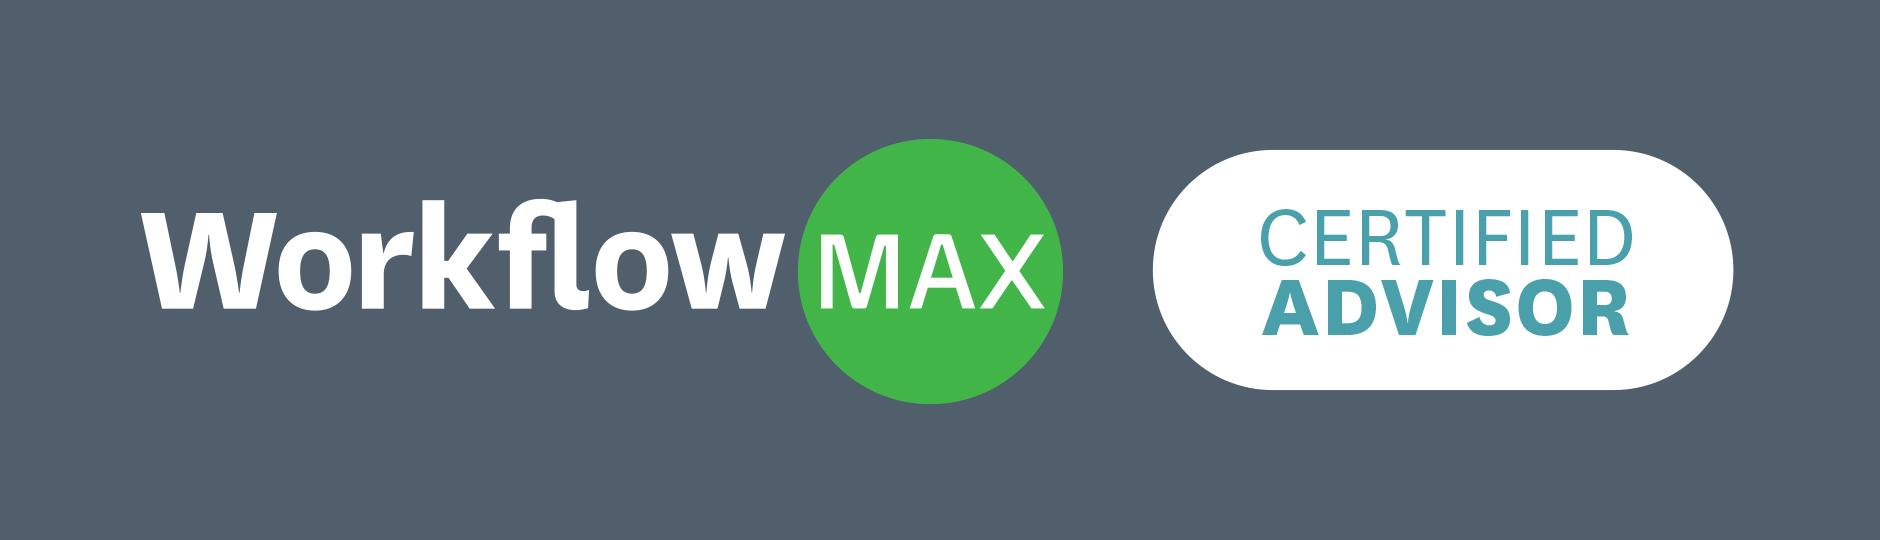 wfm-logo-for-advisors